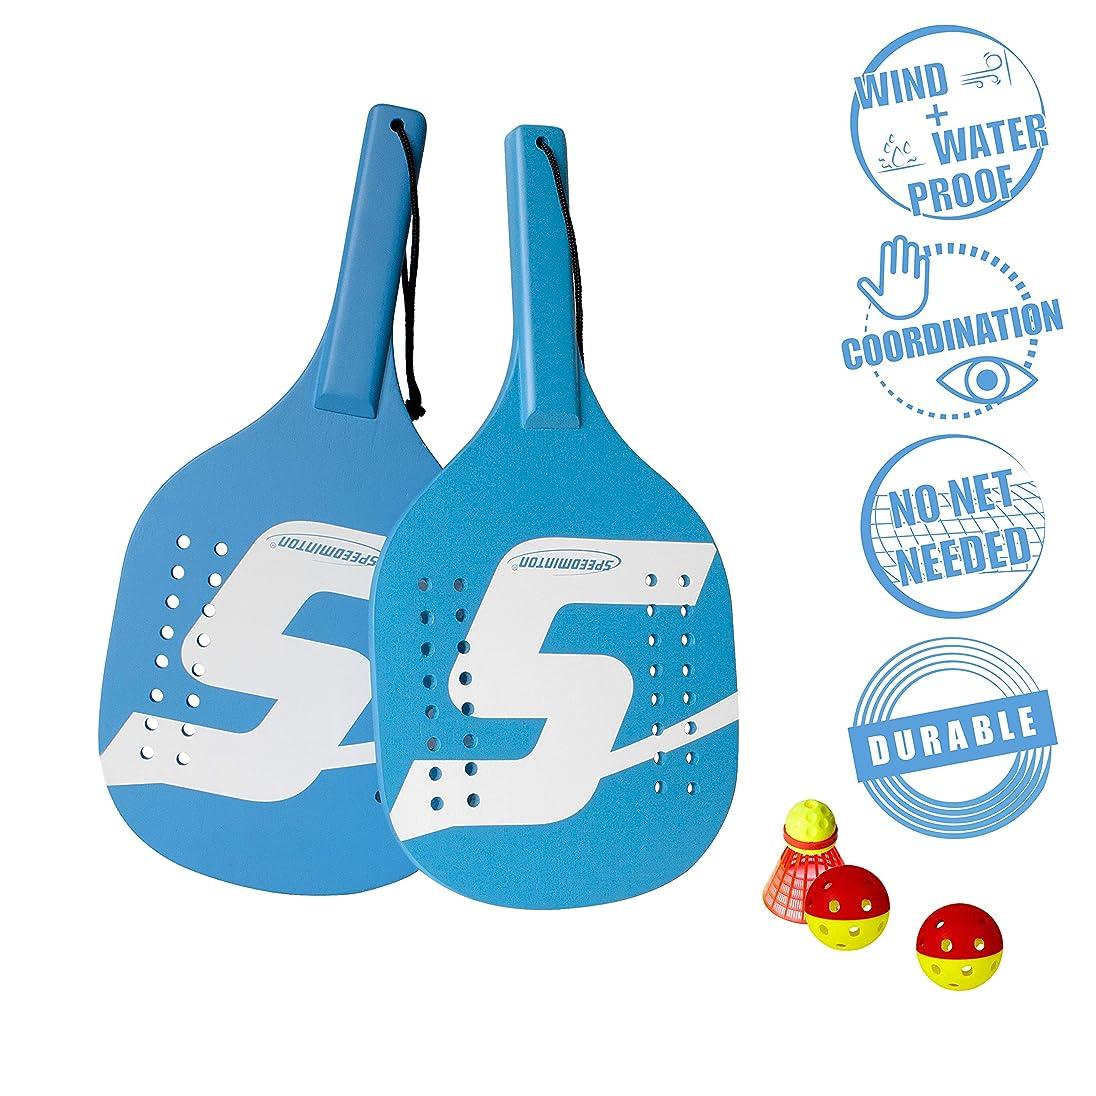 トランザクション昇る手当Speedminton 軽量な木製ビーチパドル 2プレイヤーセット  ボール2つ & オリジナルのSpeederシャトルが含まれます。スマッシュボール & ビーチテニスの代わりに最適です。